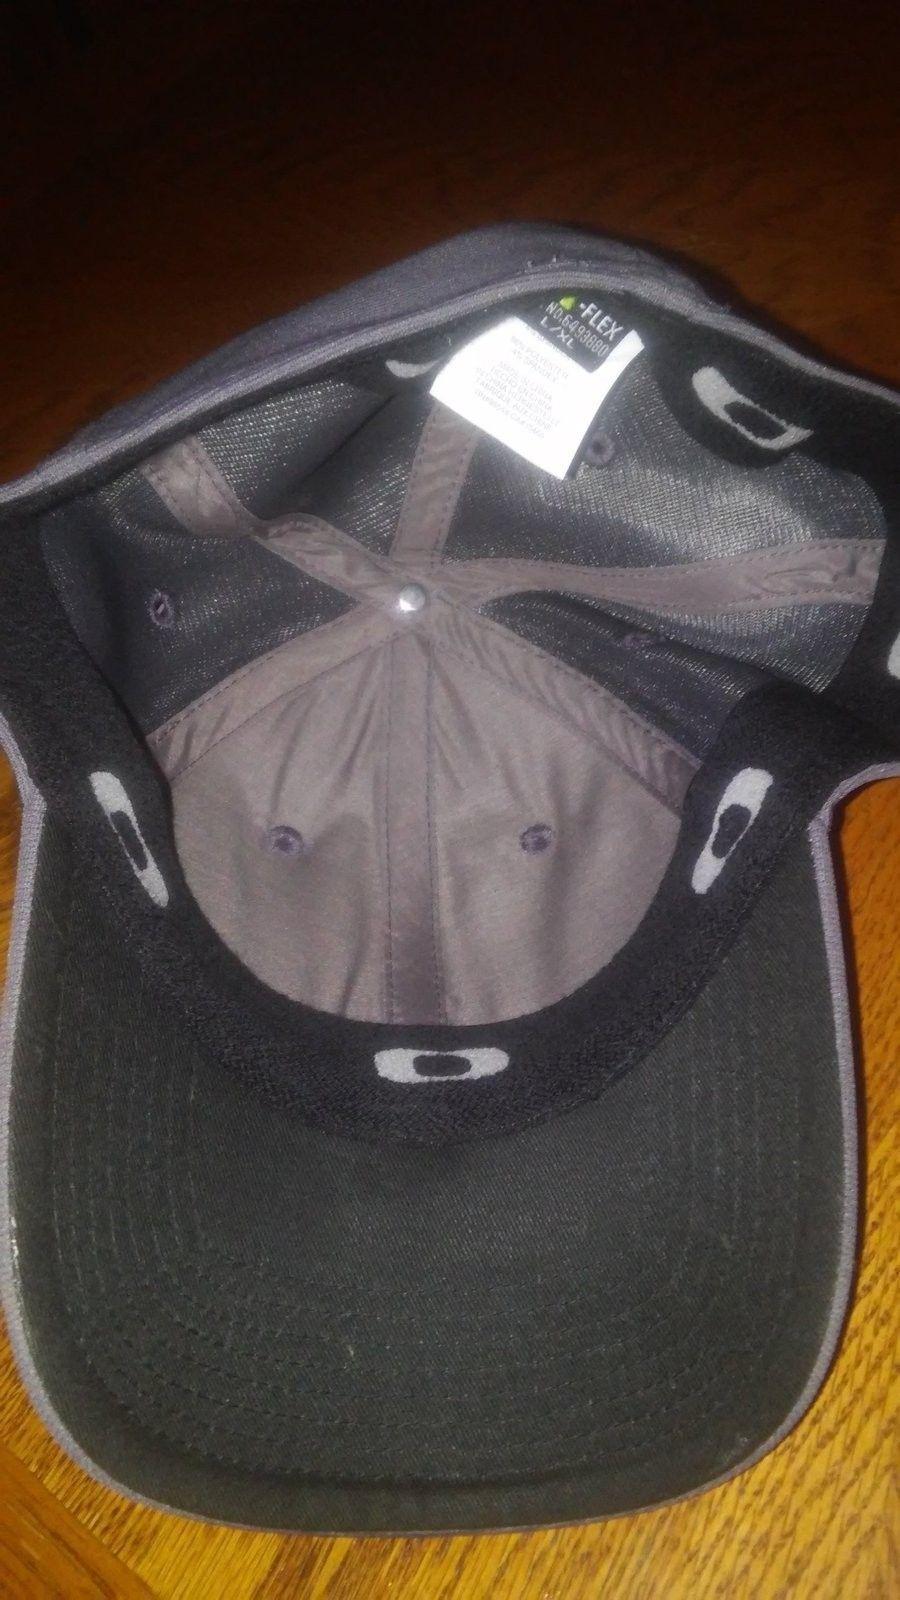 Bnwt Gas Can hat - 1439324264542.jpg